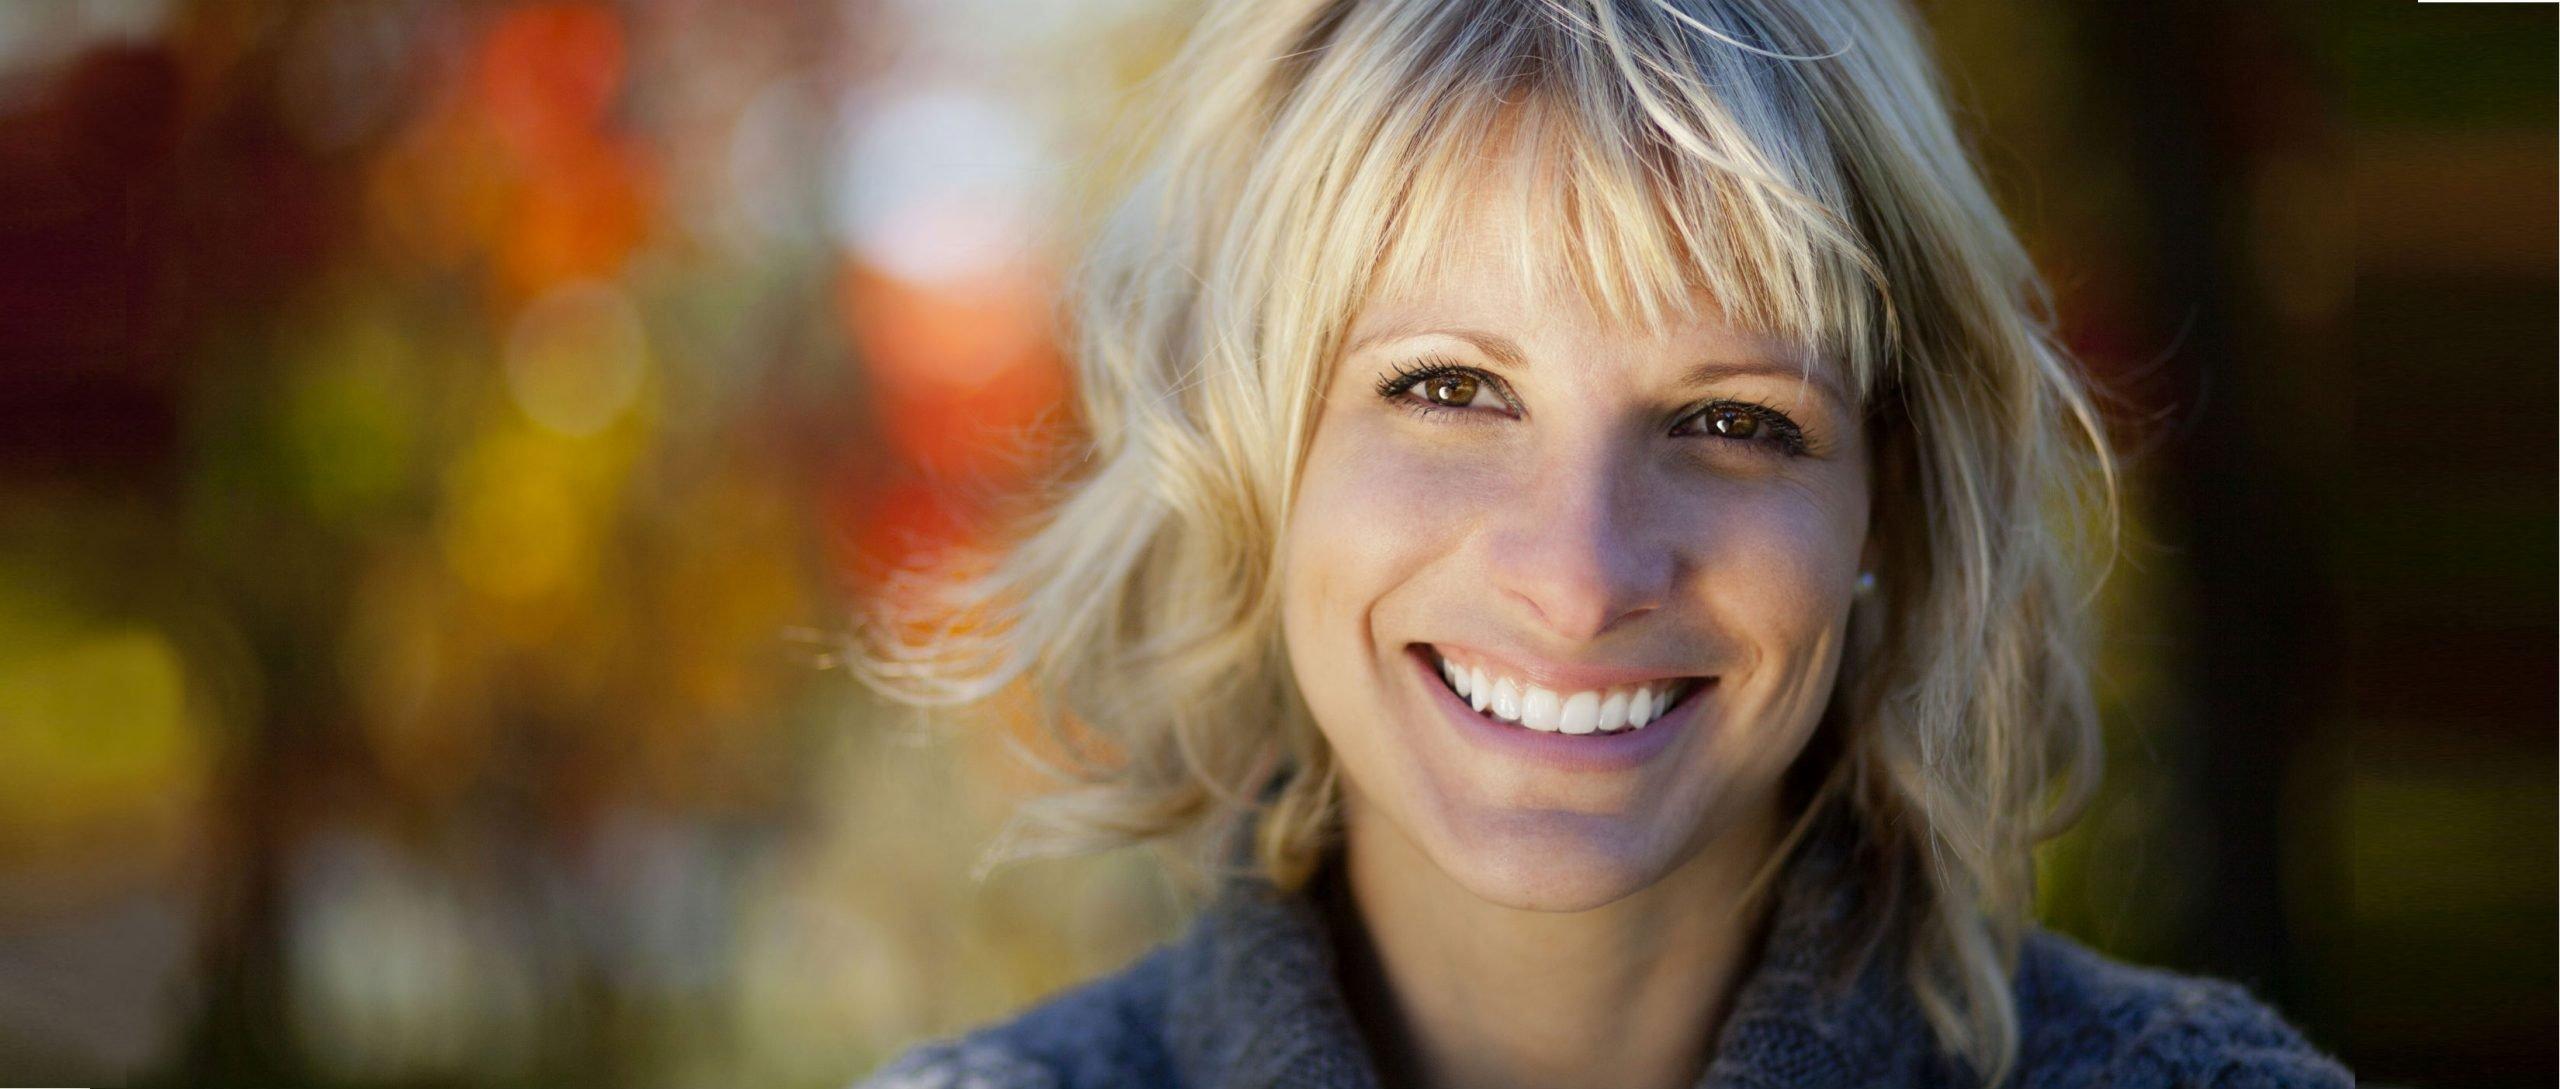 Sindrome da Iperstimolazione ovarica (OHSS): cos'è e come si può curare?